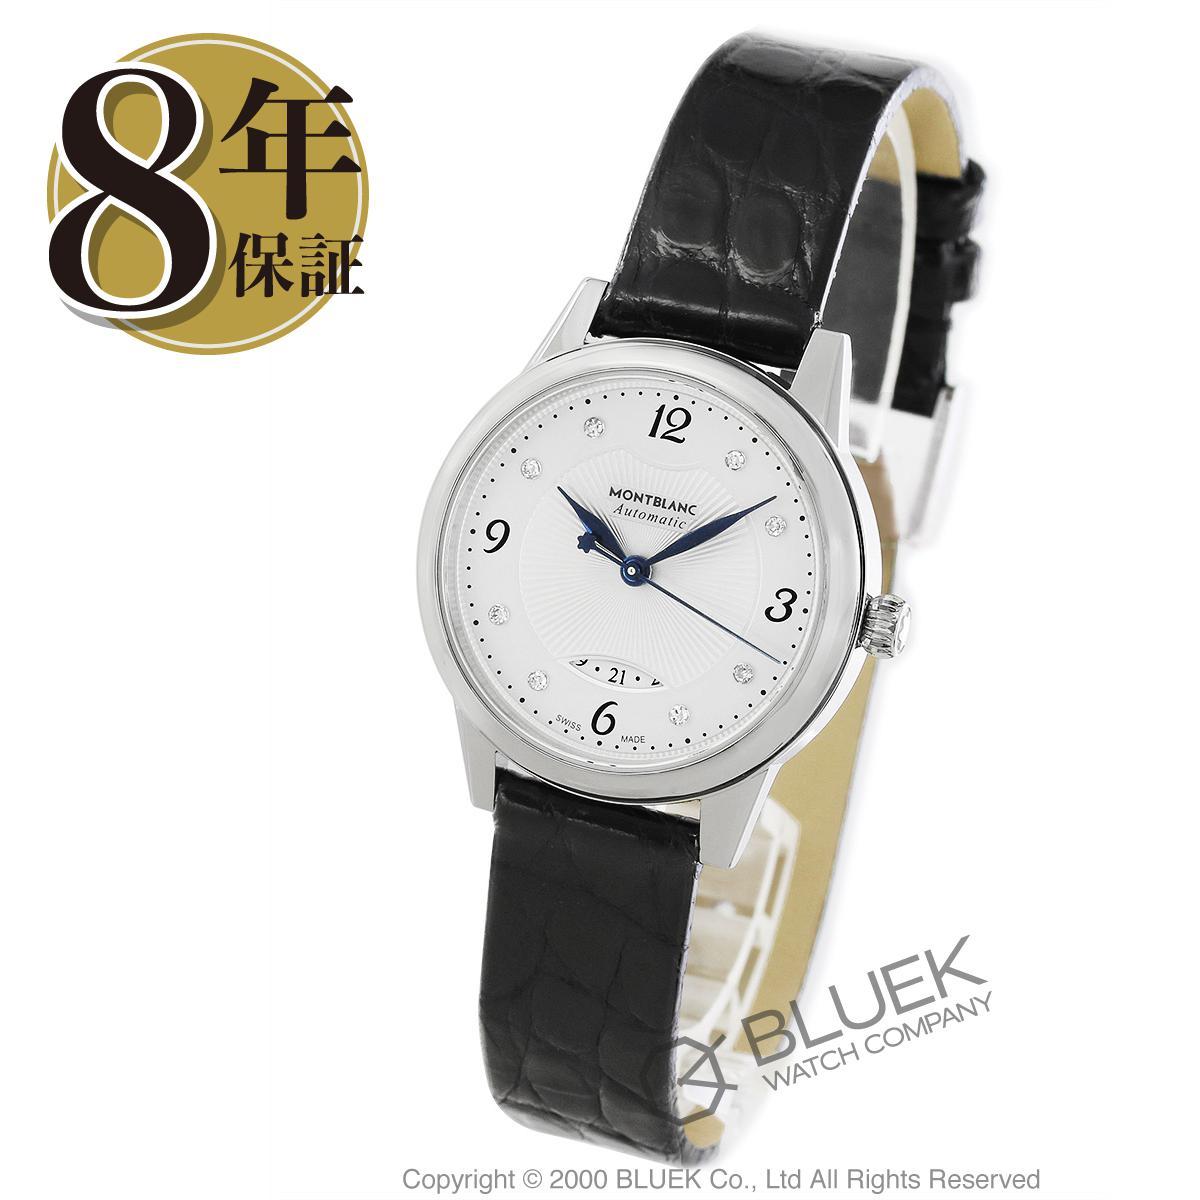 モンブラン ボエム デイト ダイヤ アリゲーターレザー 腕時計 レディース MONTBLANC 111055_8